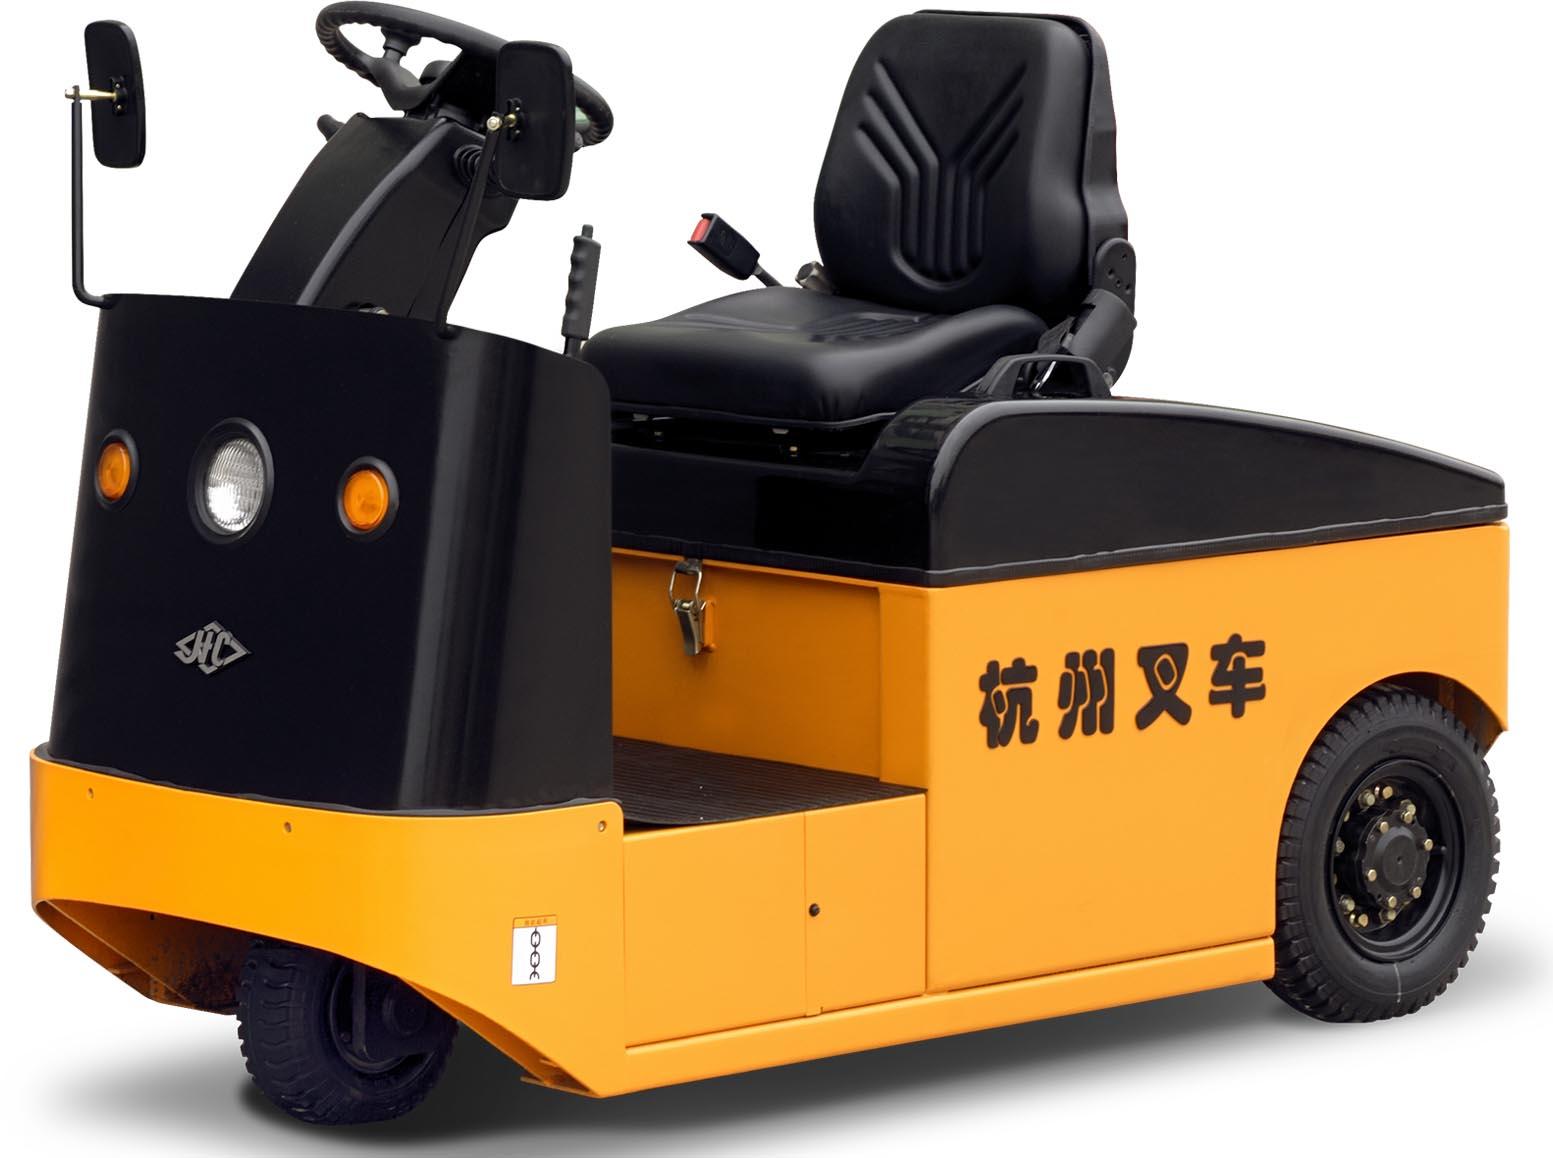 J系列2-6吨电动牵引车